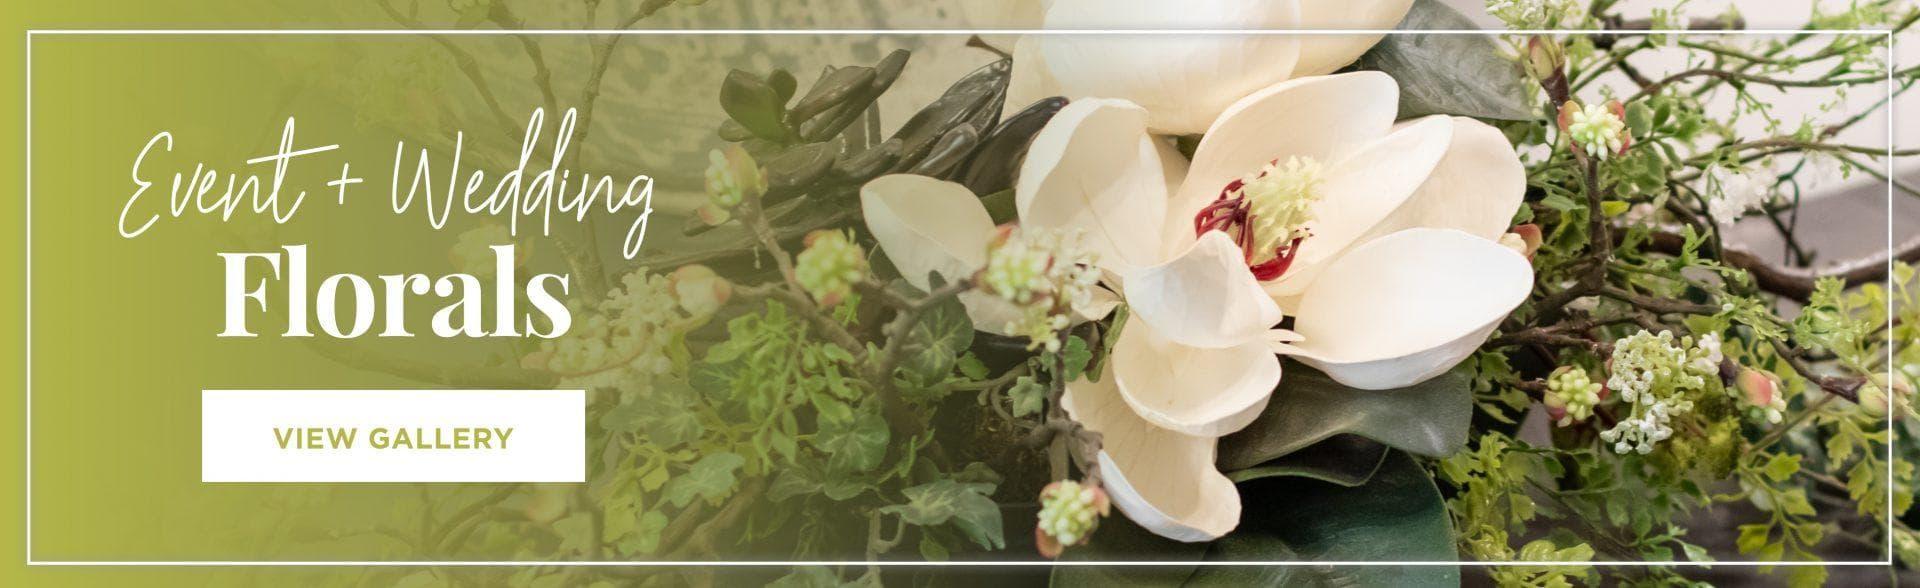 acorn florals inspo long